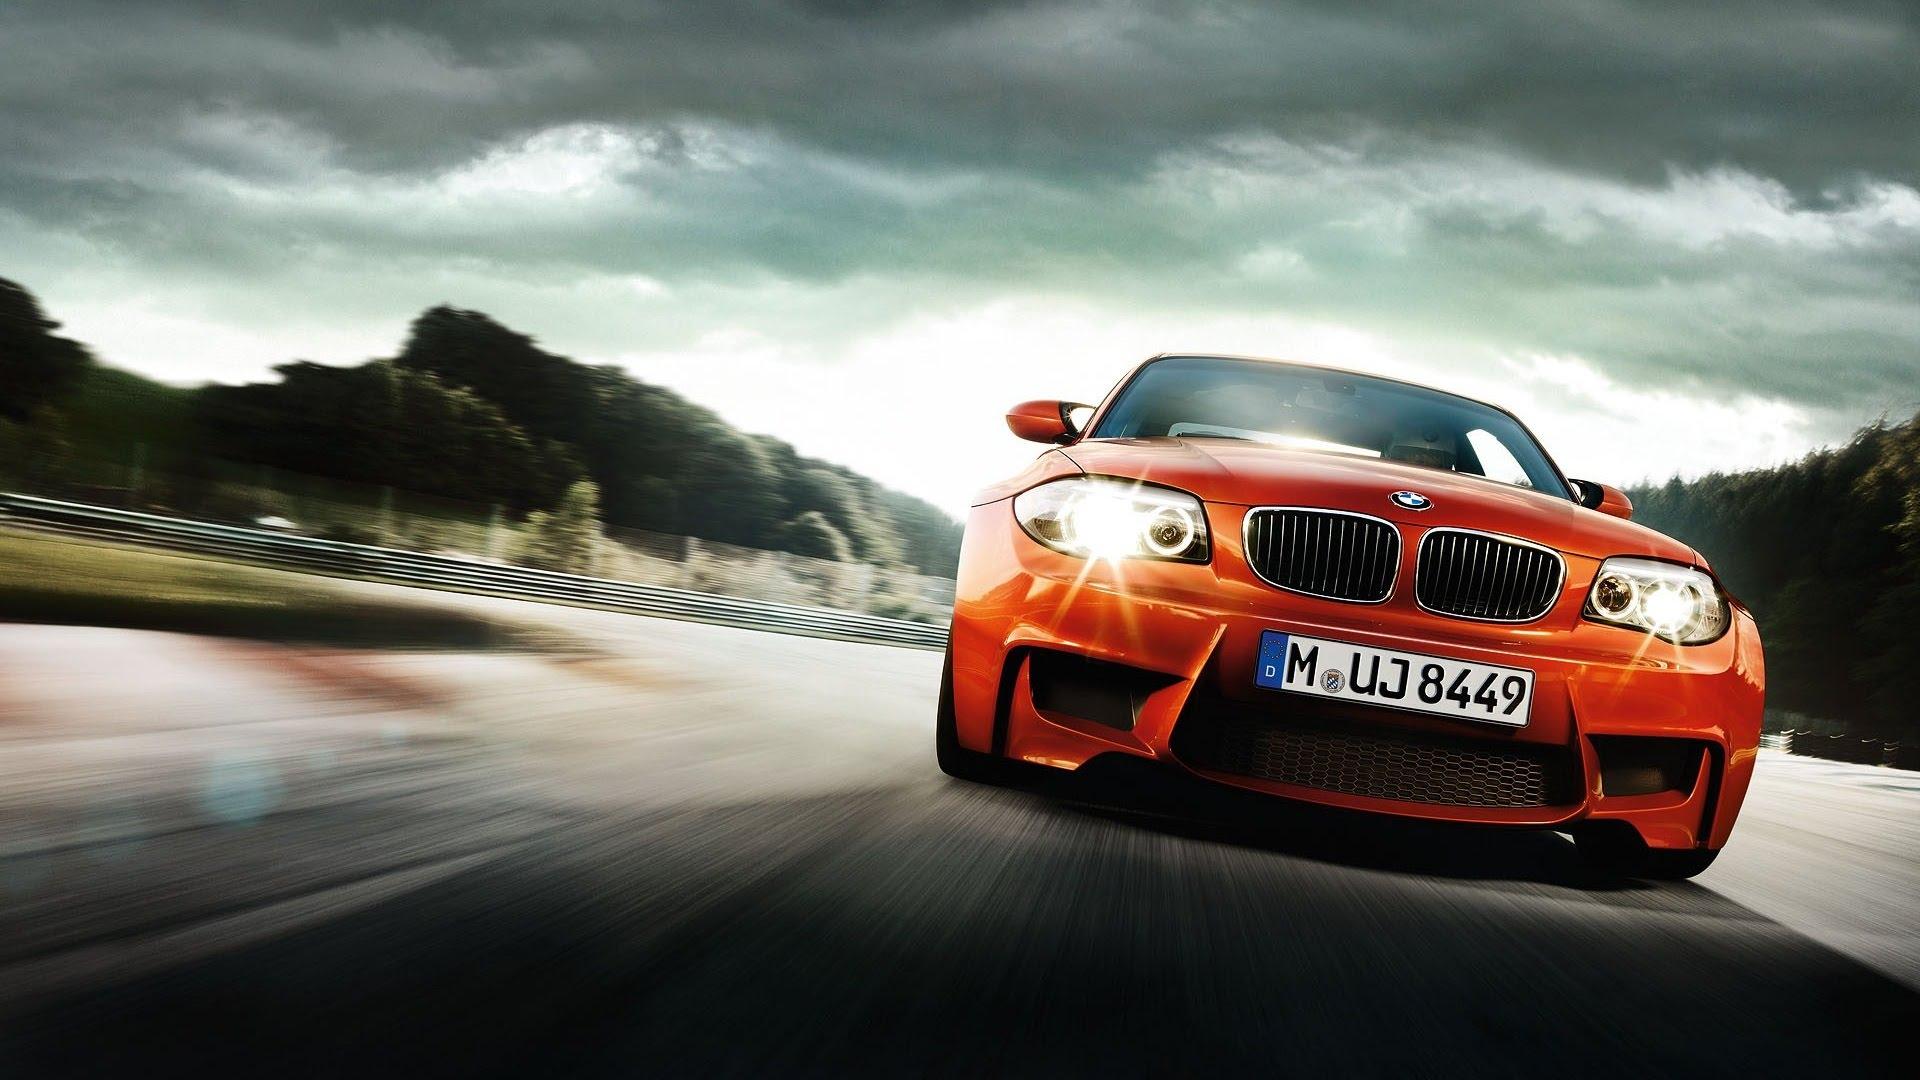 صورة ماركة سيارات فخمة , اكثر فخامه فى انواع السيارات